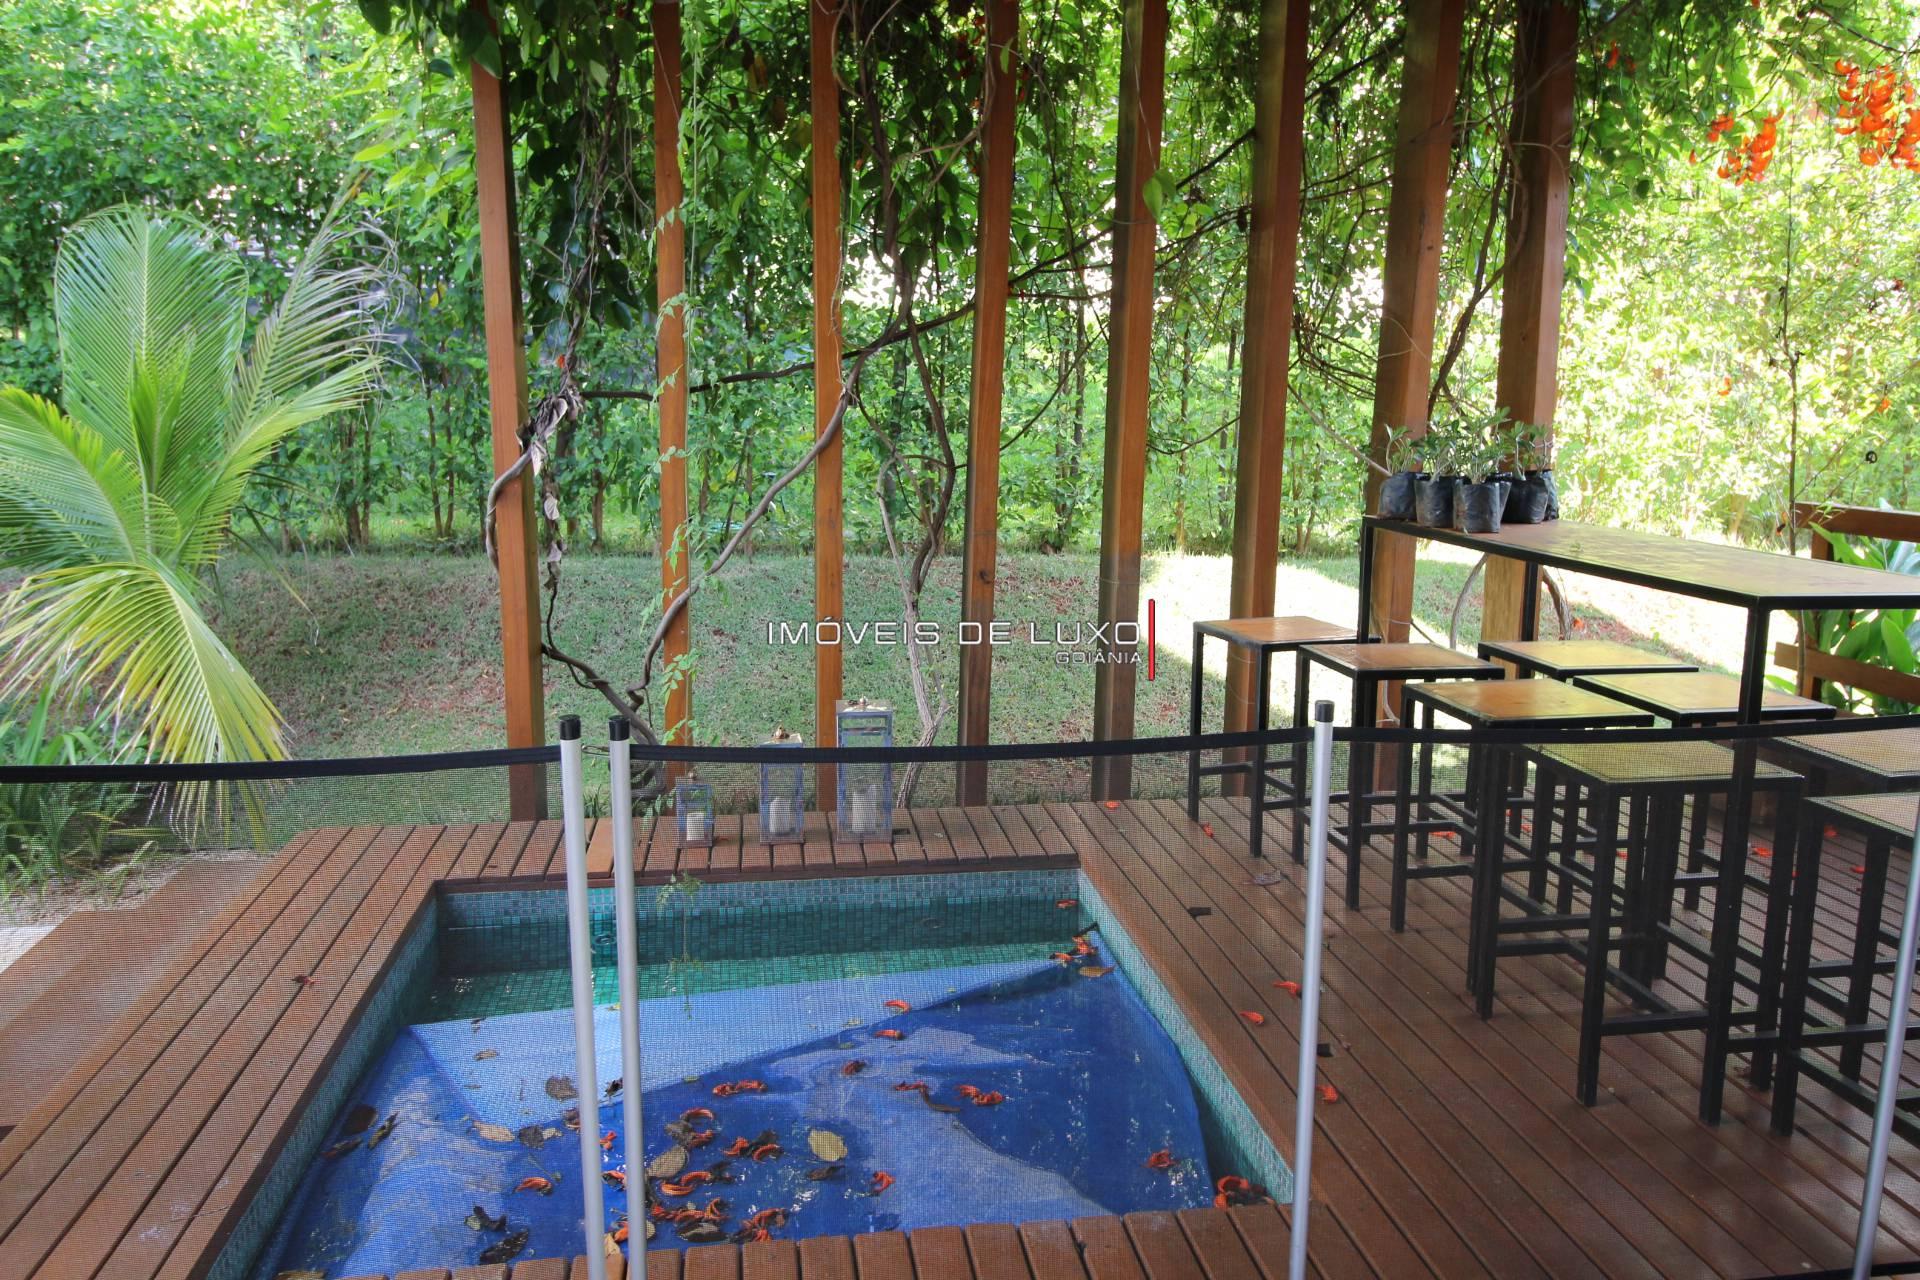 Imóveis de Luxo - Moderna Casa Térrea no Aldeia Do Vale